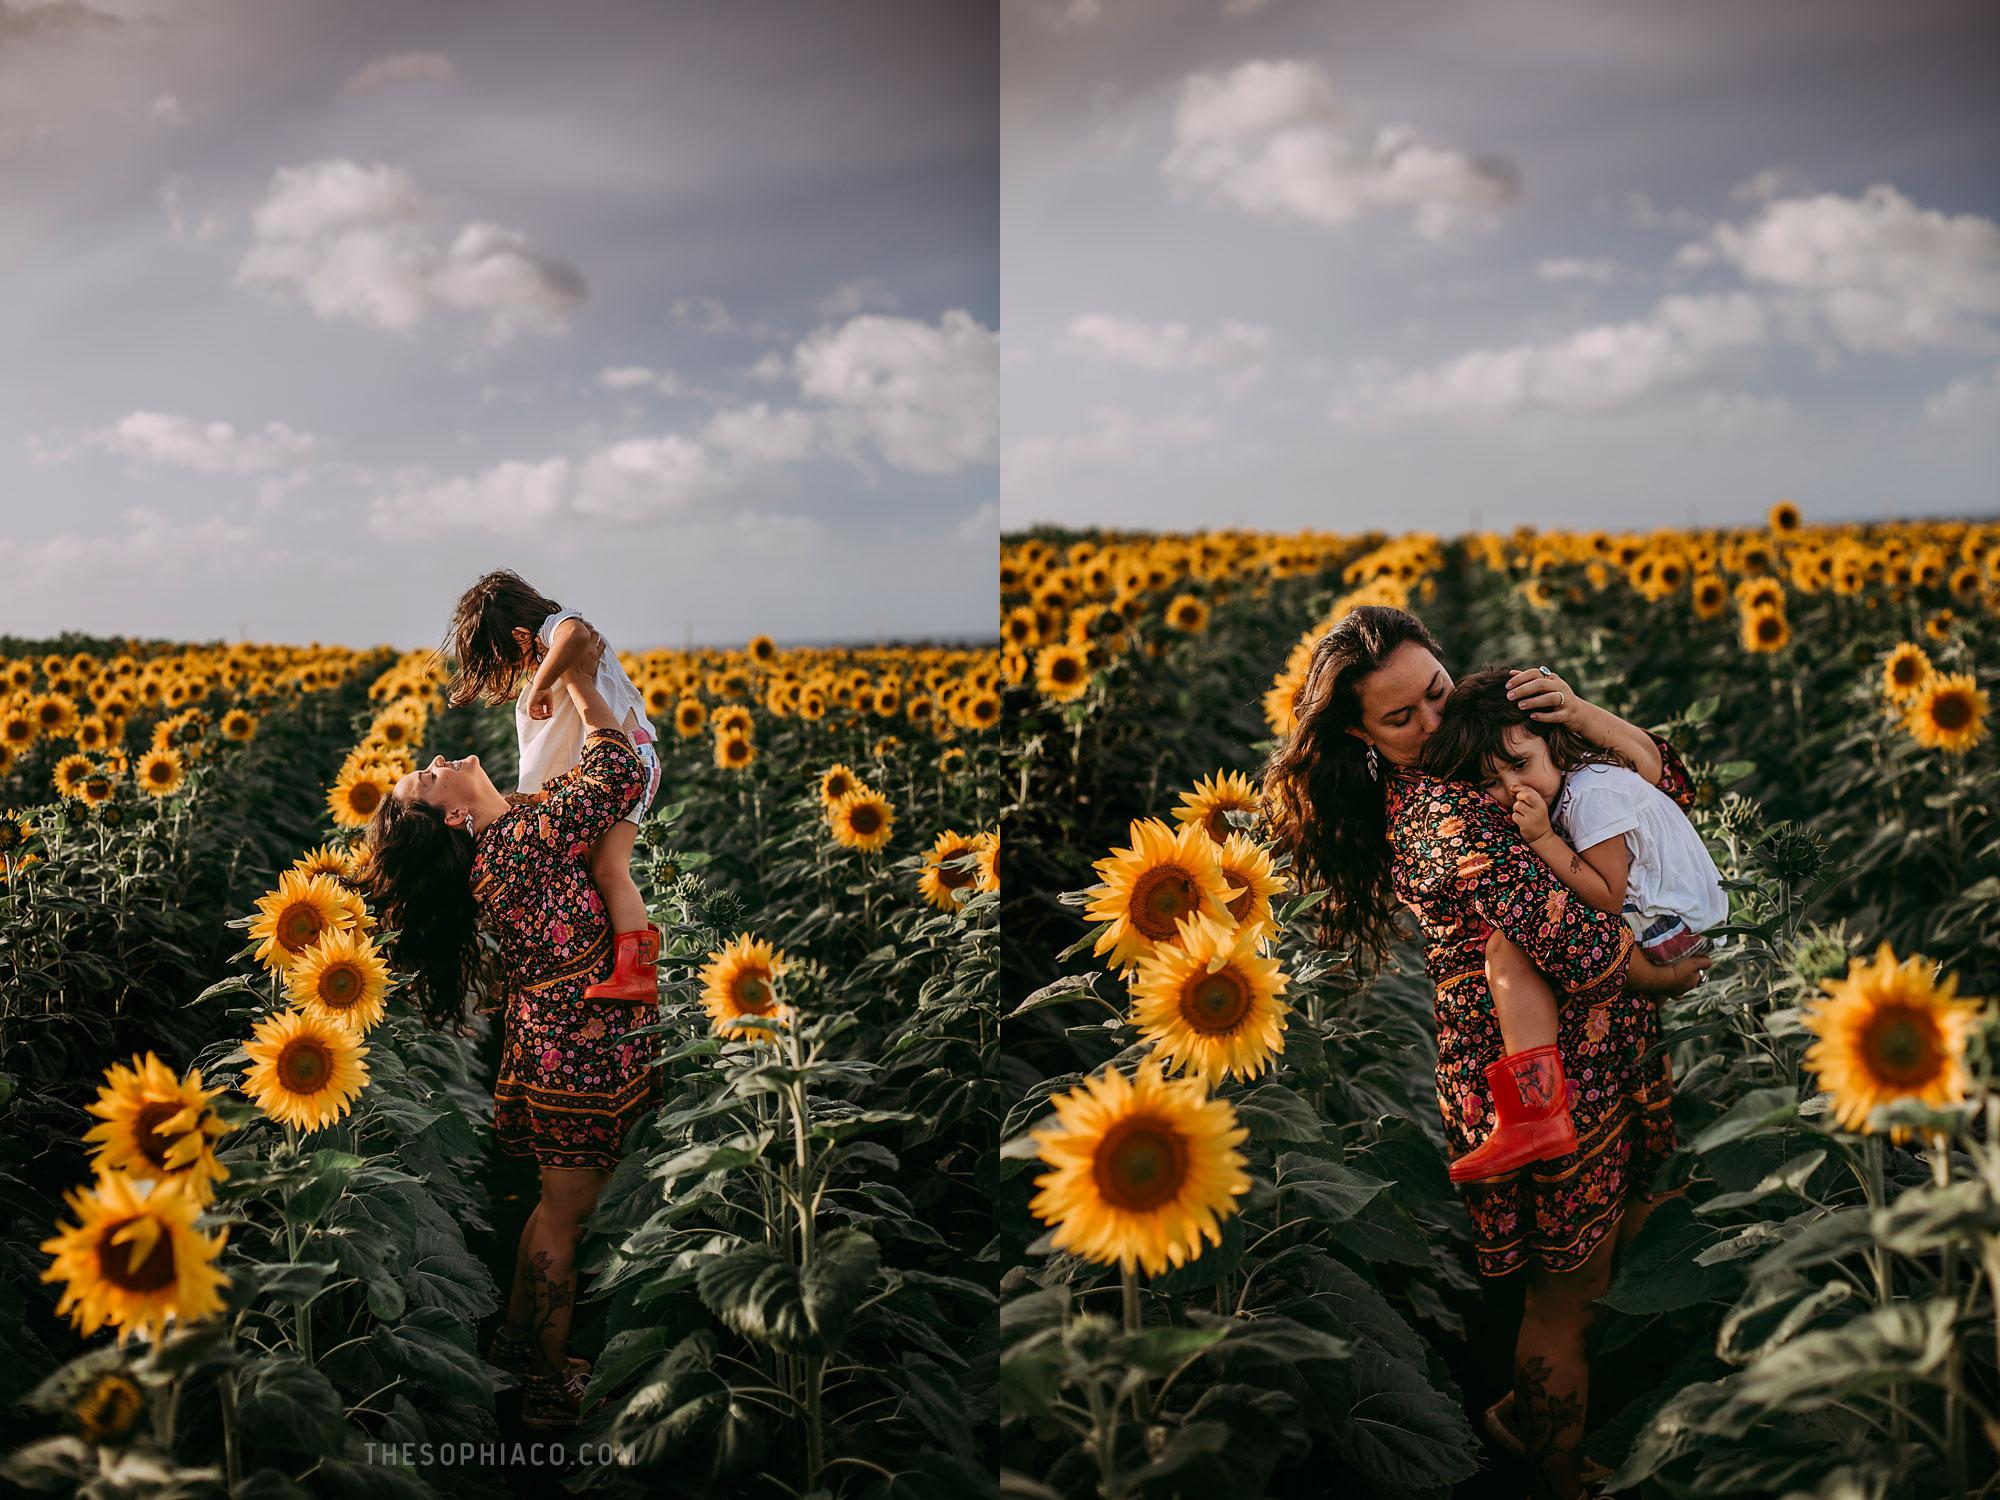 waialua-sunflowers-oahu-family-photography-16.jpg